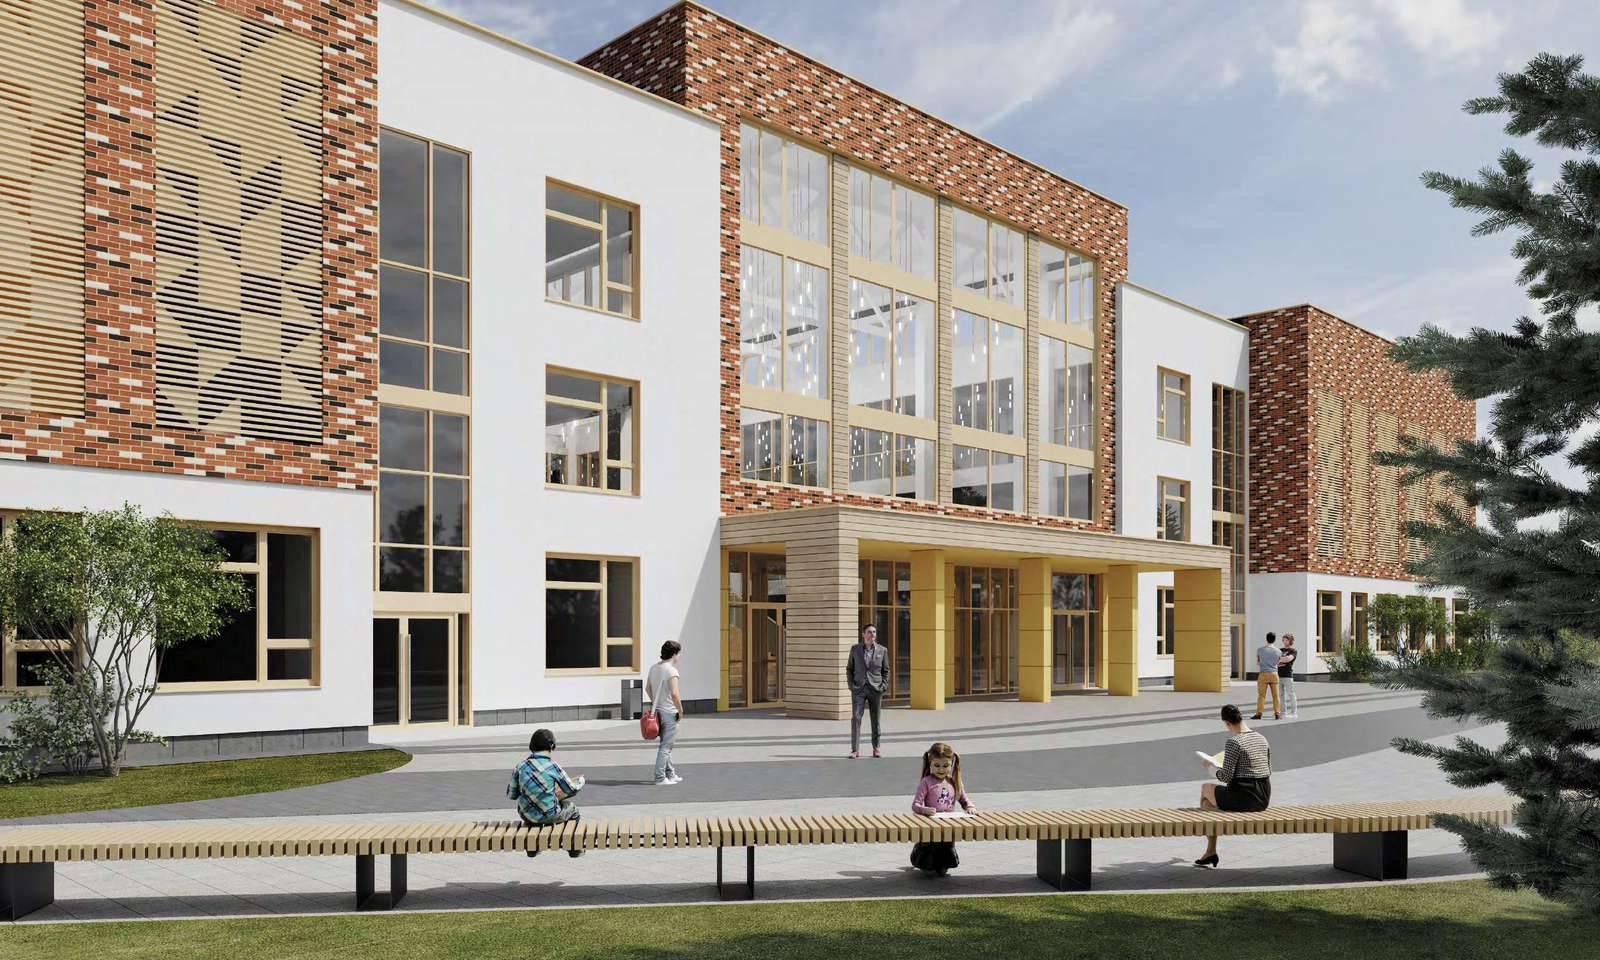 Гибкое и индивидуальное обучение. Старт строительству 25 школ дали в Подмосковье | Изображение 1